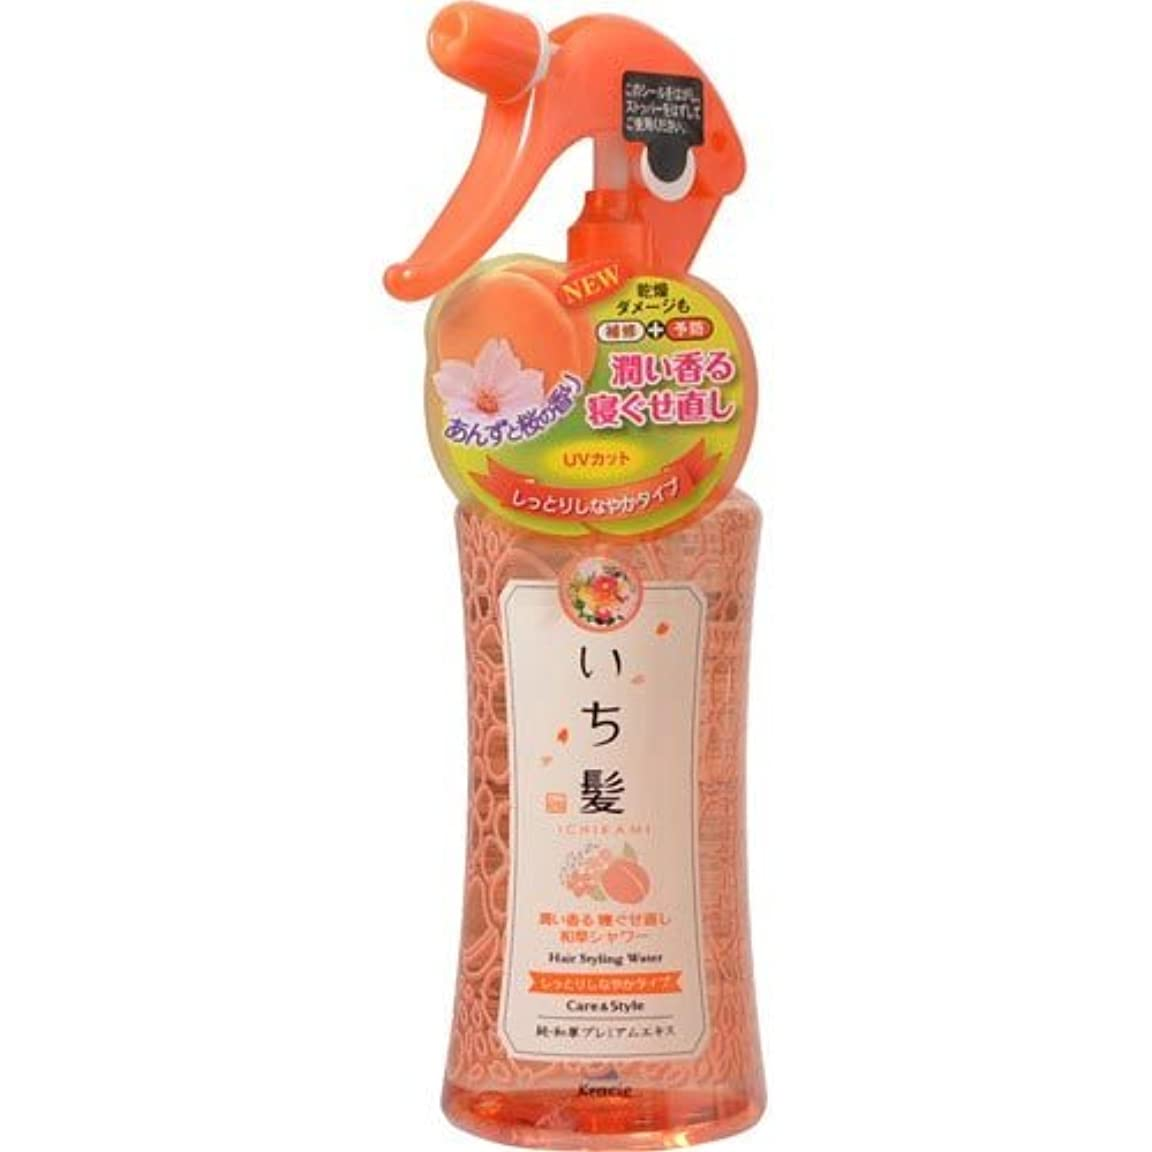 自発的アイスクリーム気になるいち髪 潤い香る寝ぐせ直し和草シャワー しっとりしなやかタイプ 250mL